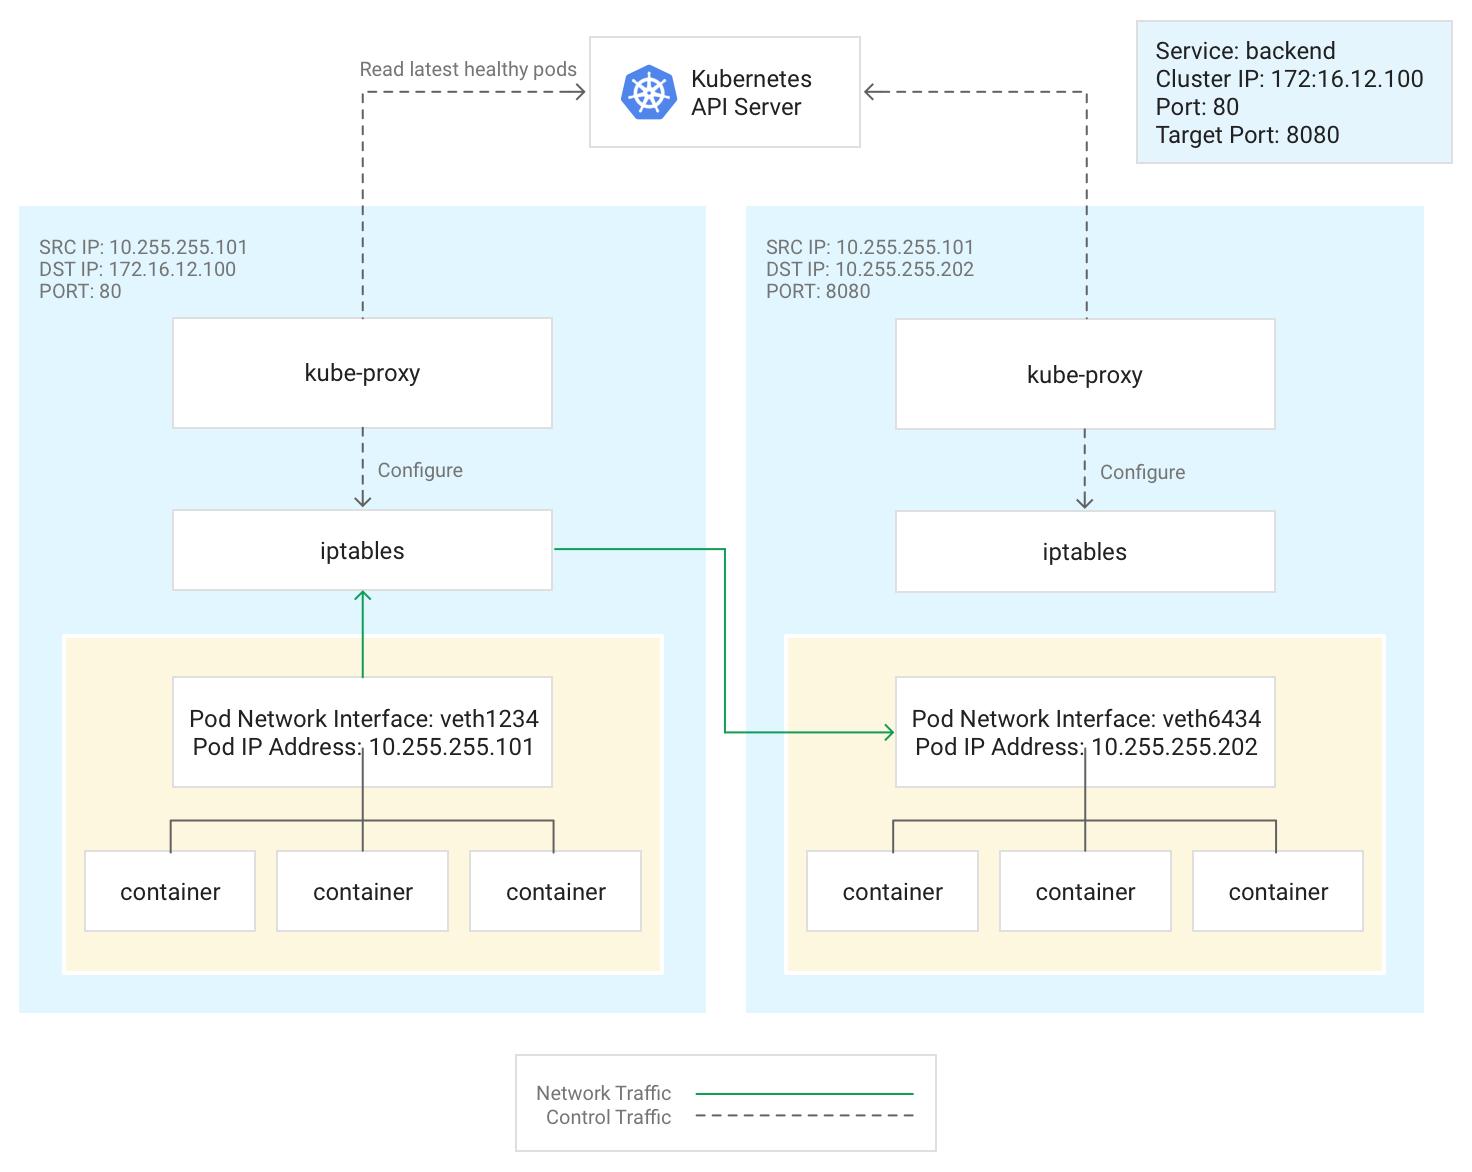 Diagrama que muestra a un cliente que se conecta a un servicio y se direcciona a un pod, como se describe en el párrafo anterior